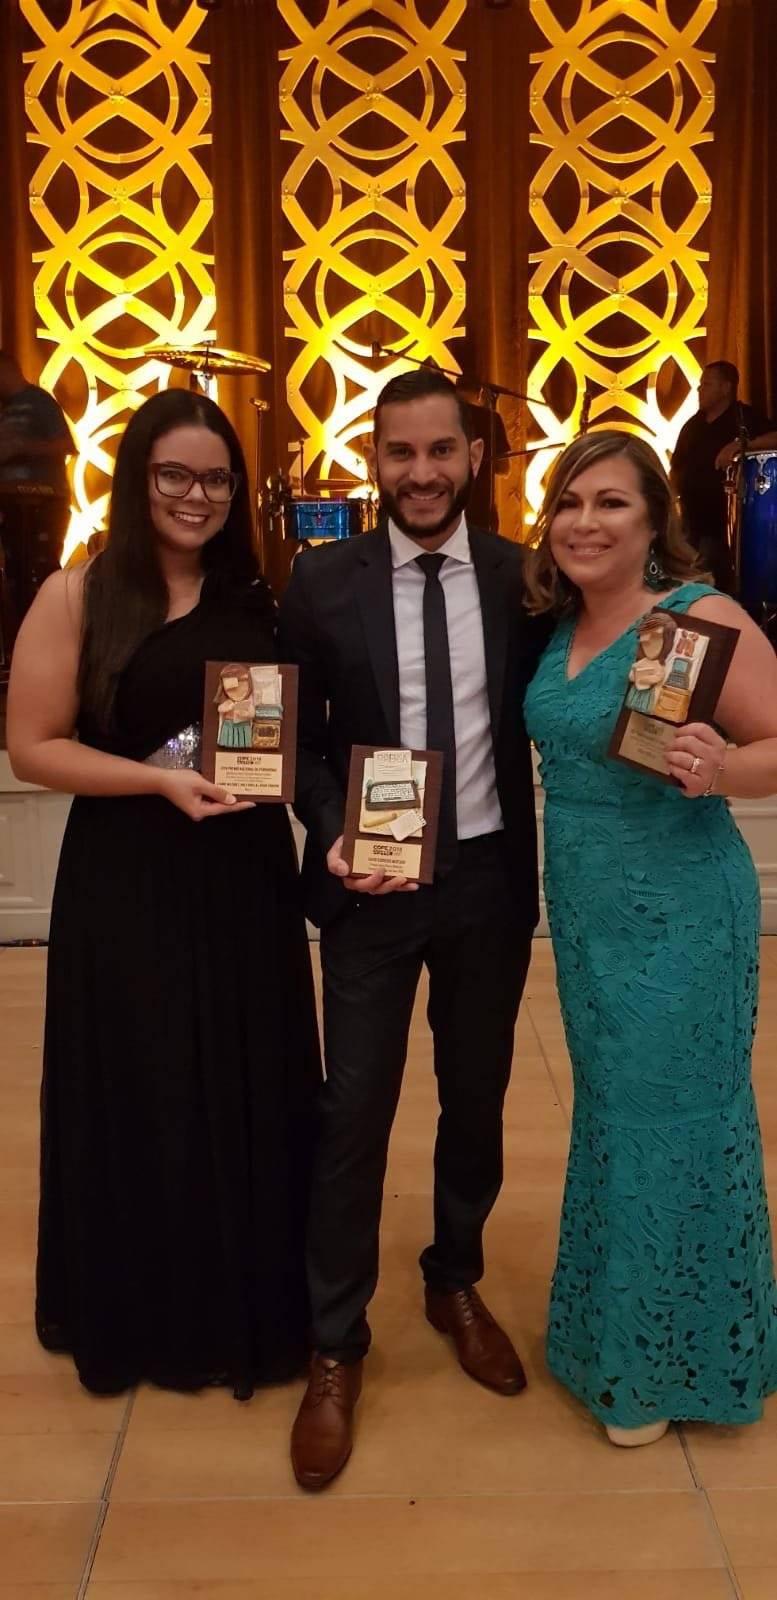 Periodistas de Metro Puerto Rico reciben galardones en la gala de la ASPPRO. De izquierda a derecha: Lyanne Meléndez, David Cordero, Aiola Virella. Metro